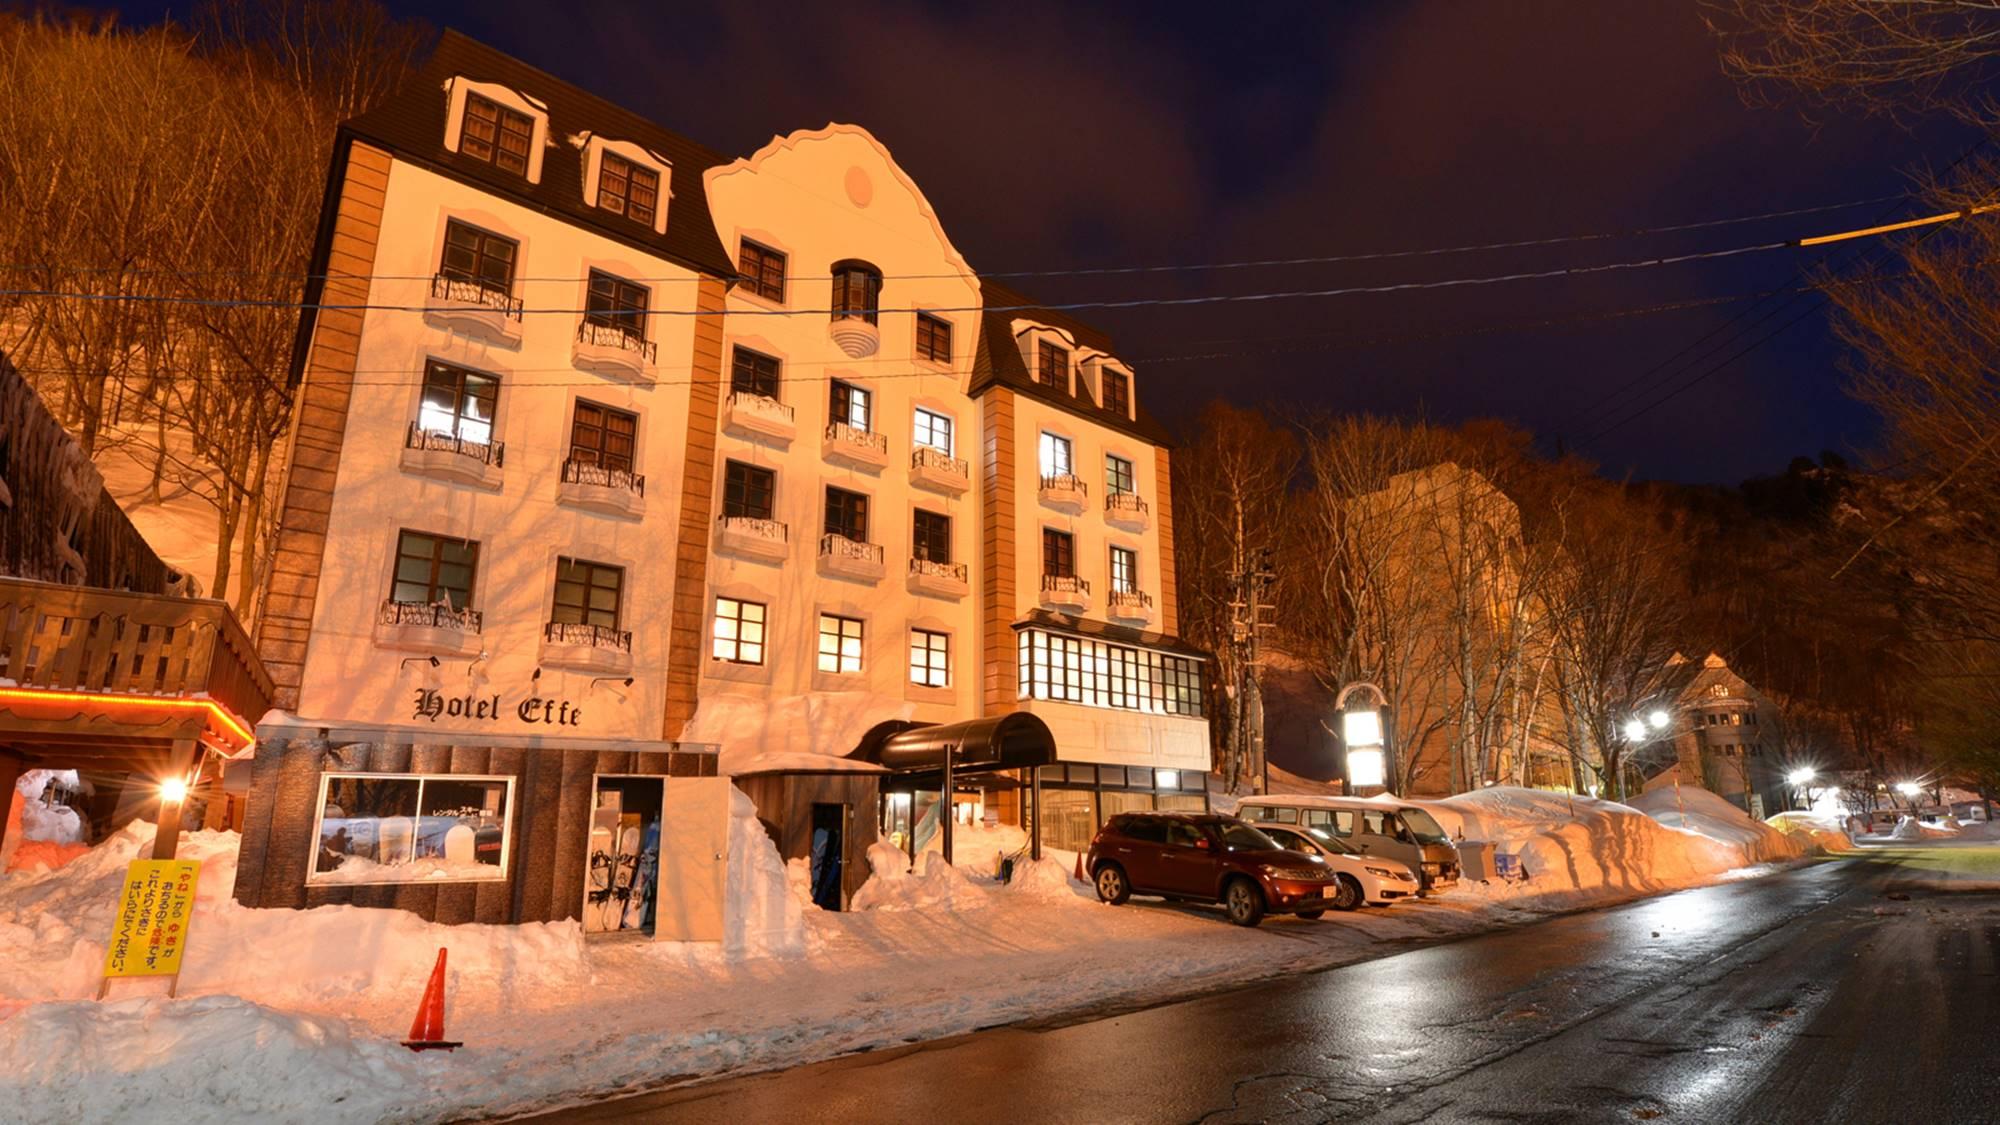 ホテル エフ